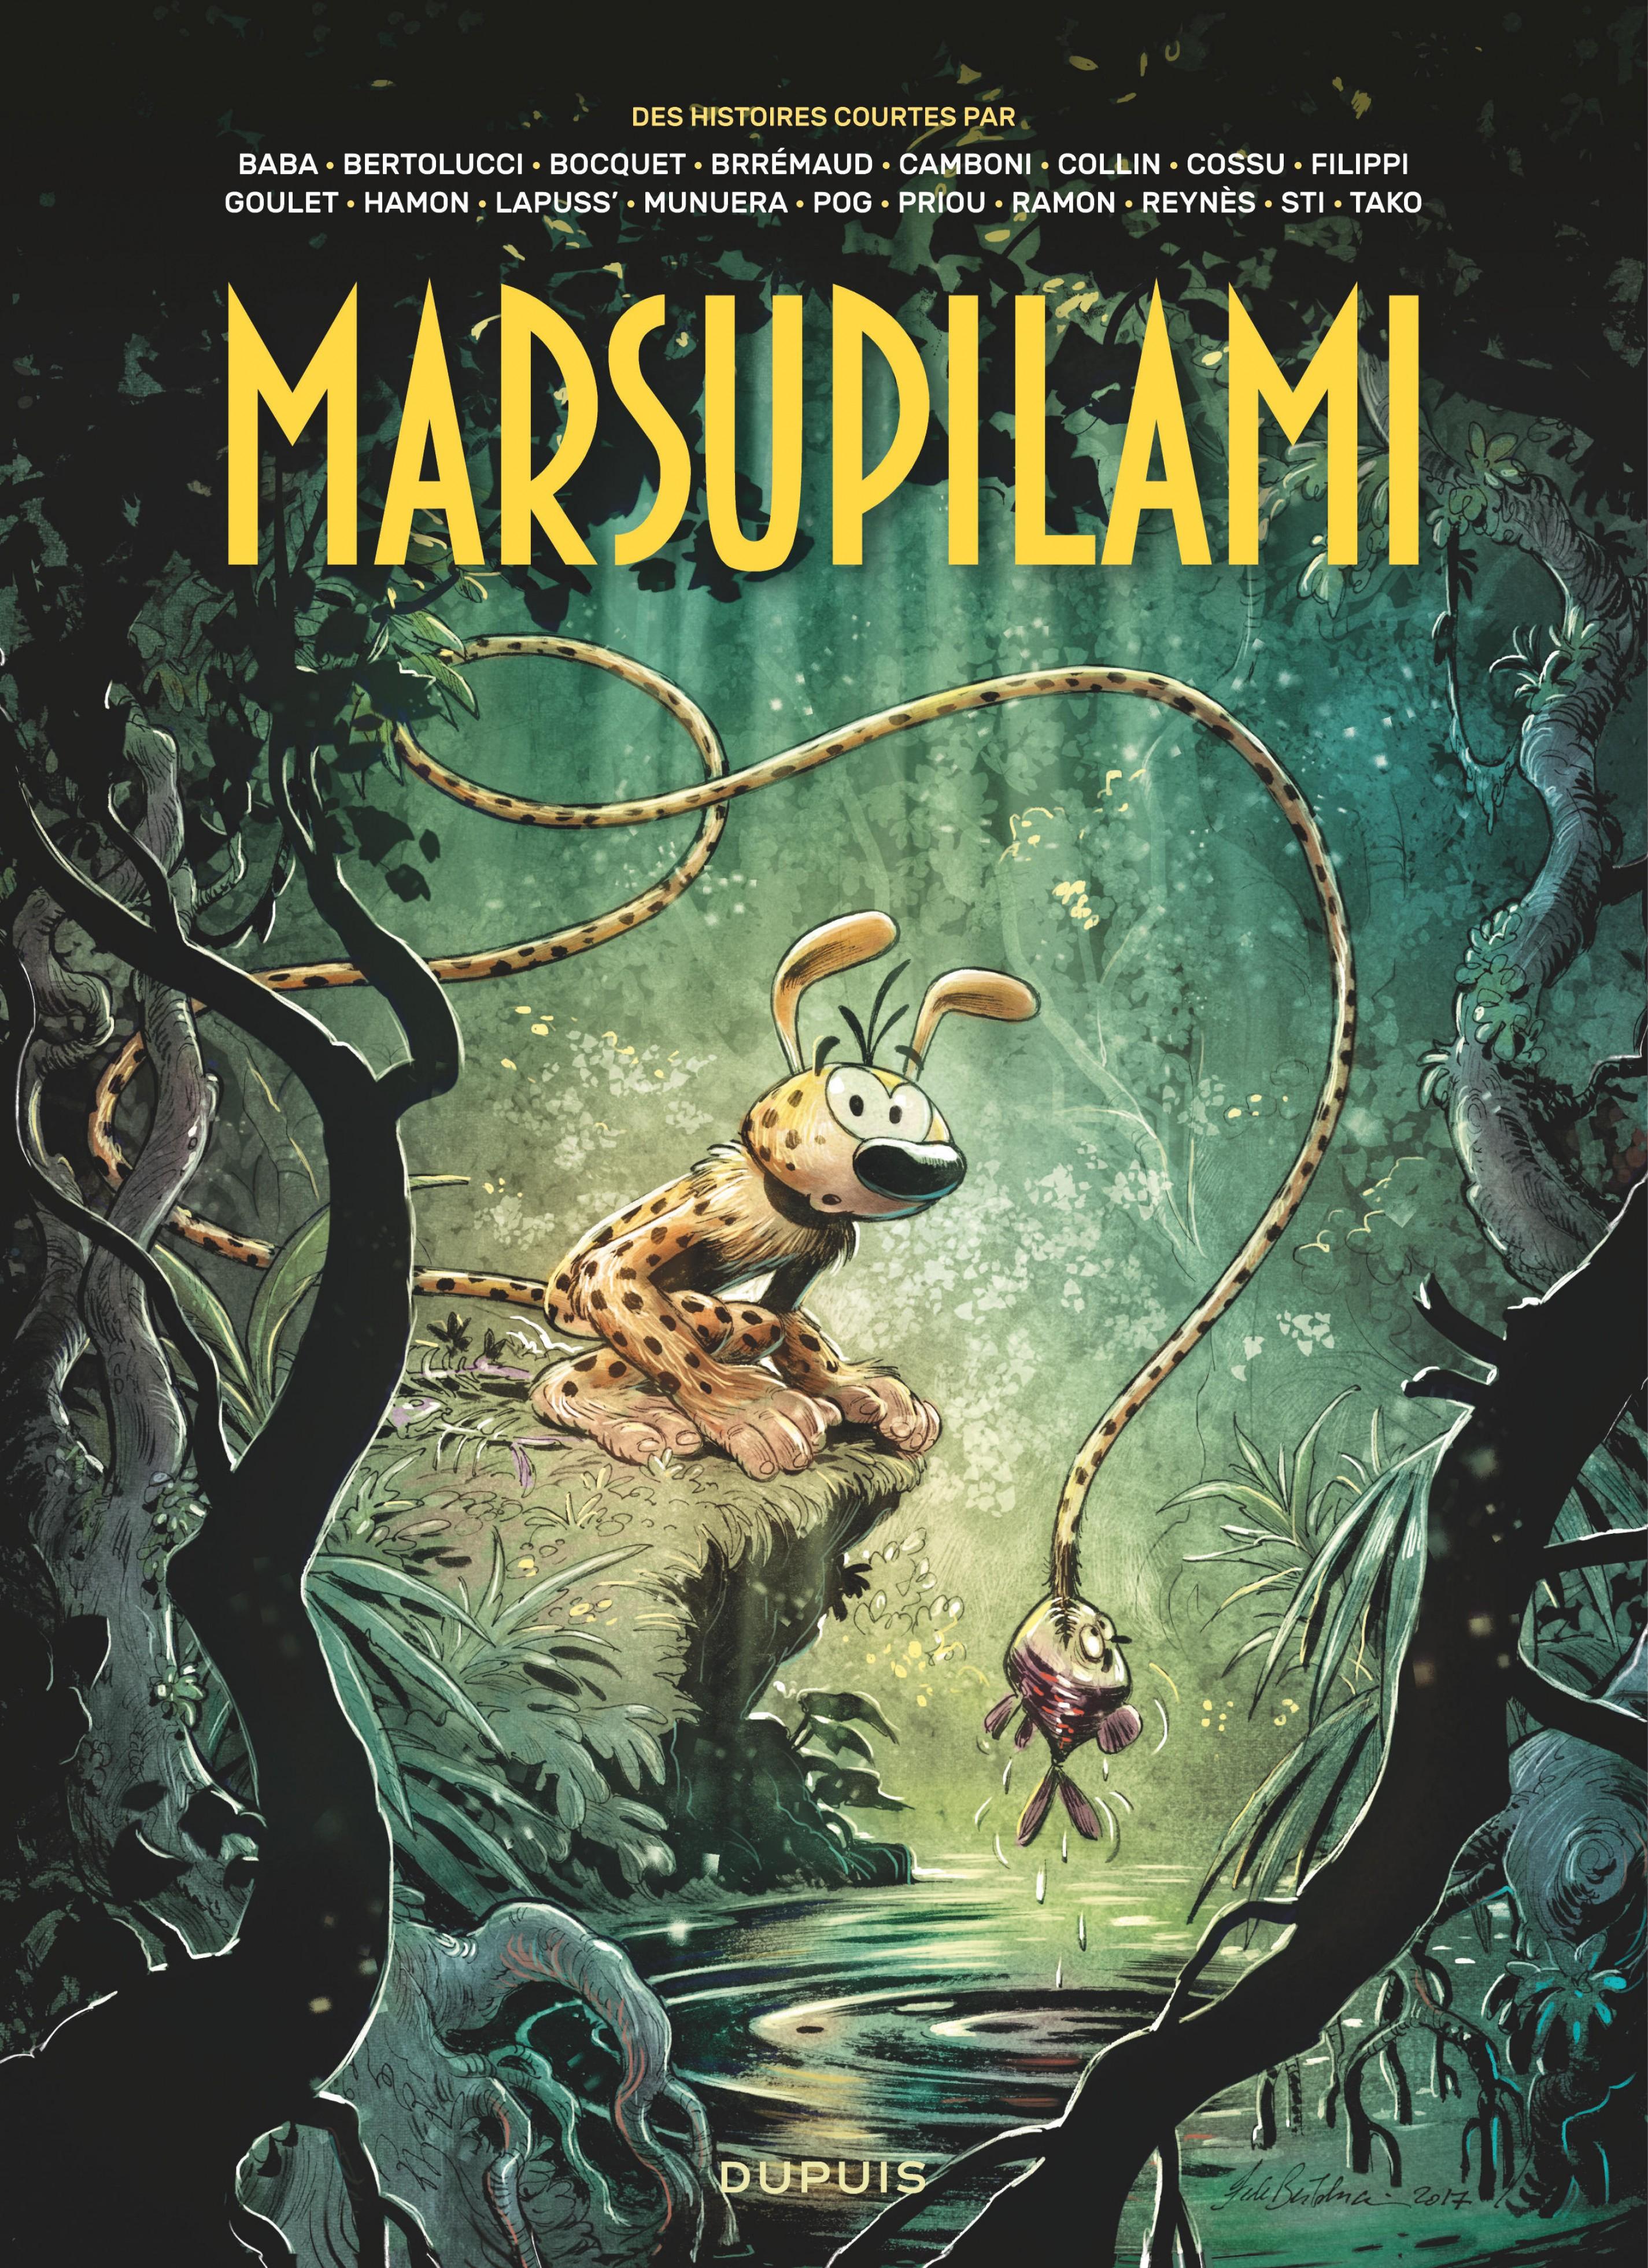 Marsupilami par - Tome 1 - Des histoires courtes du Marsupilami par... Tome 1